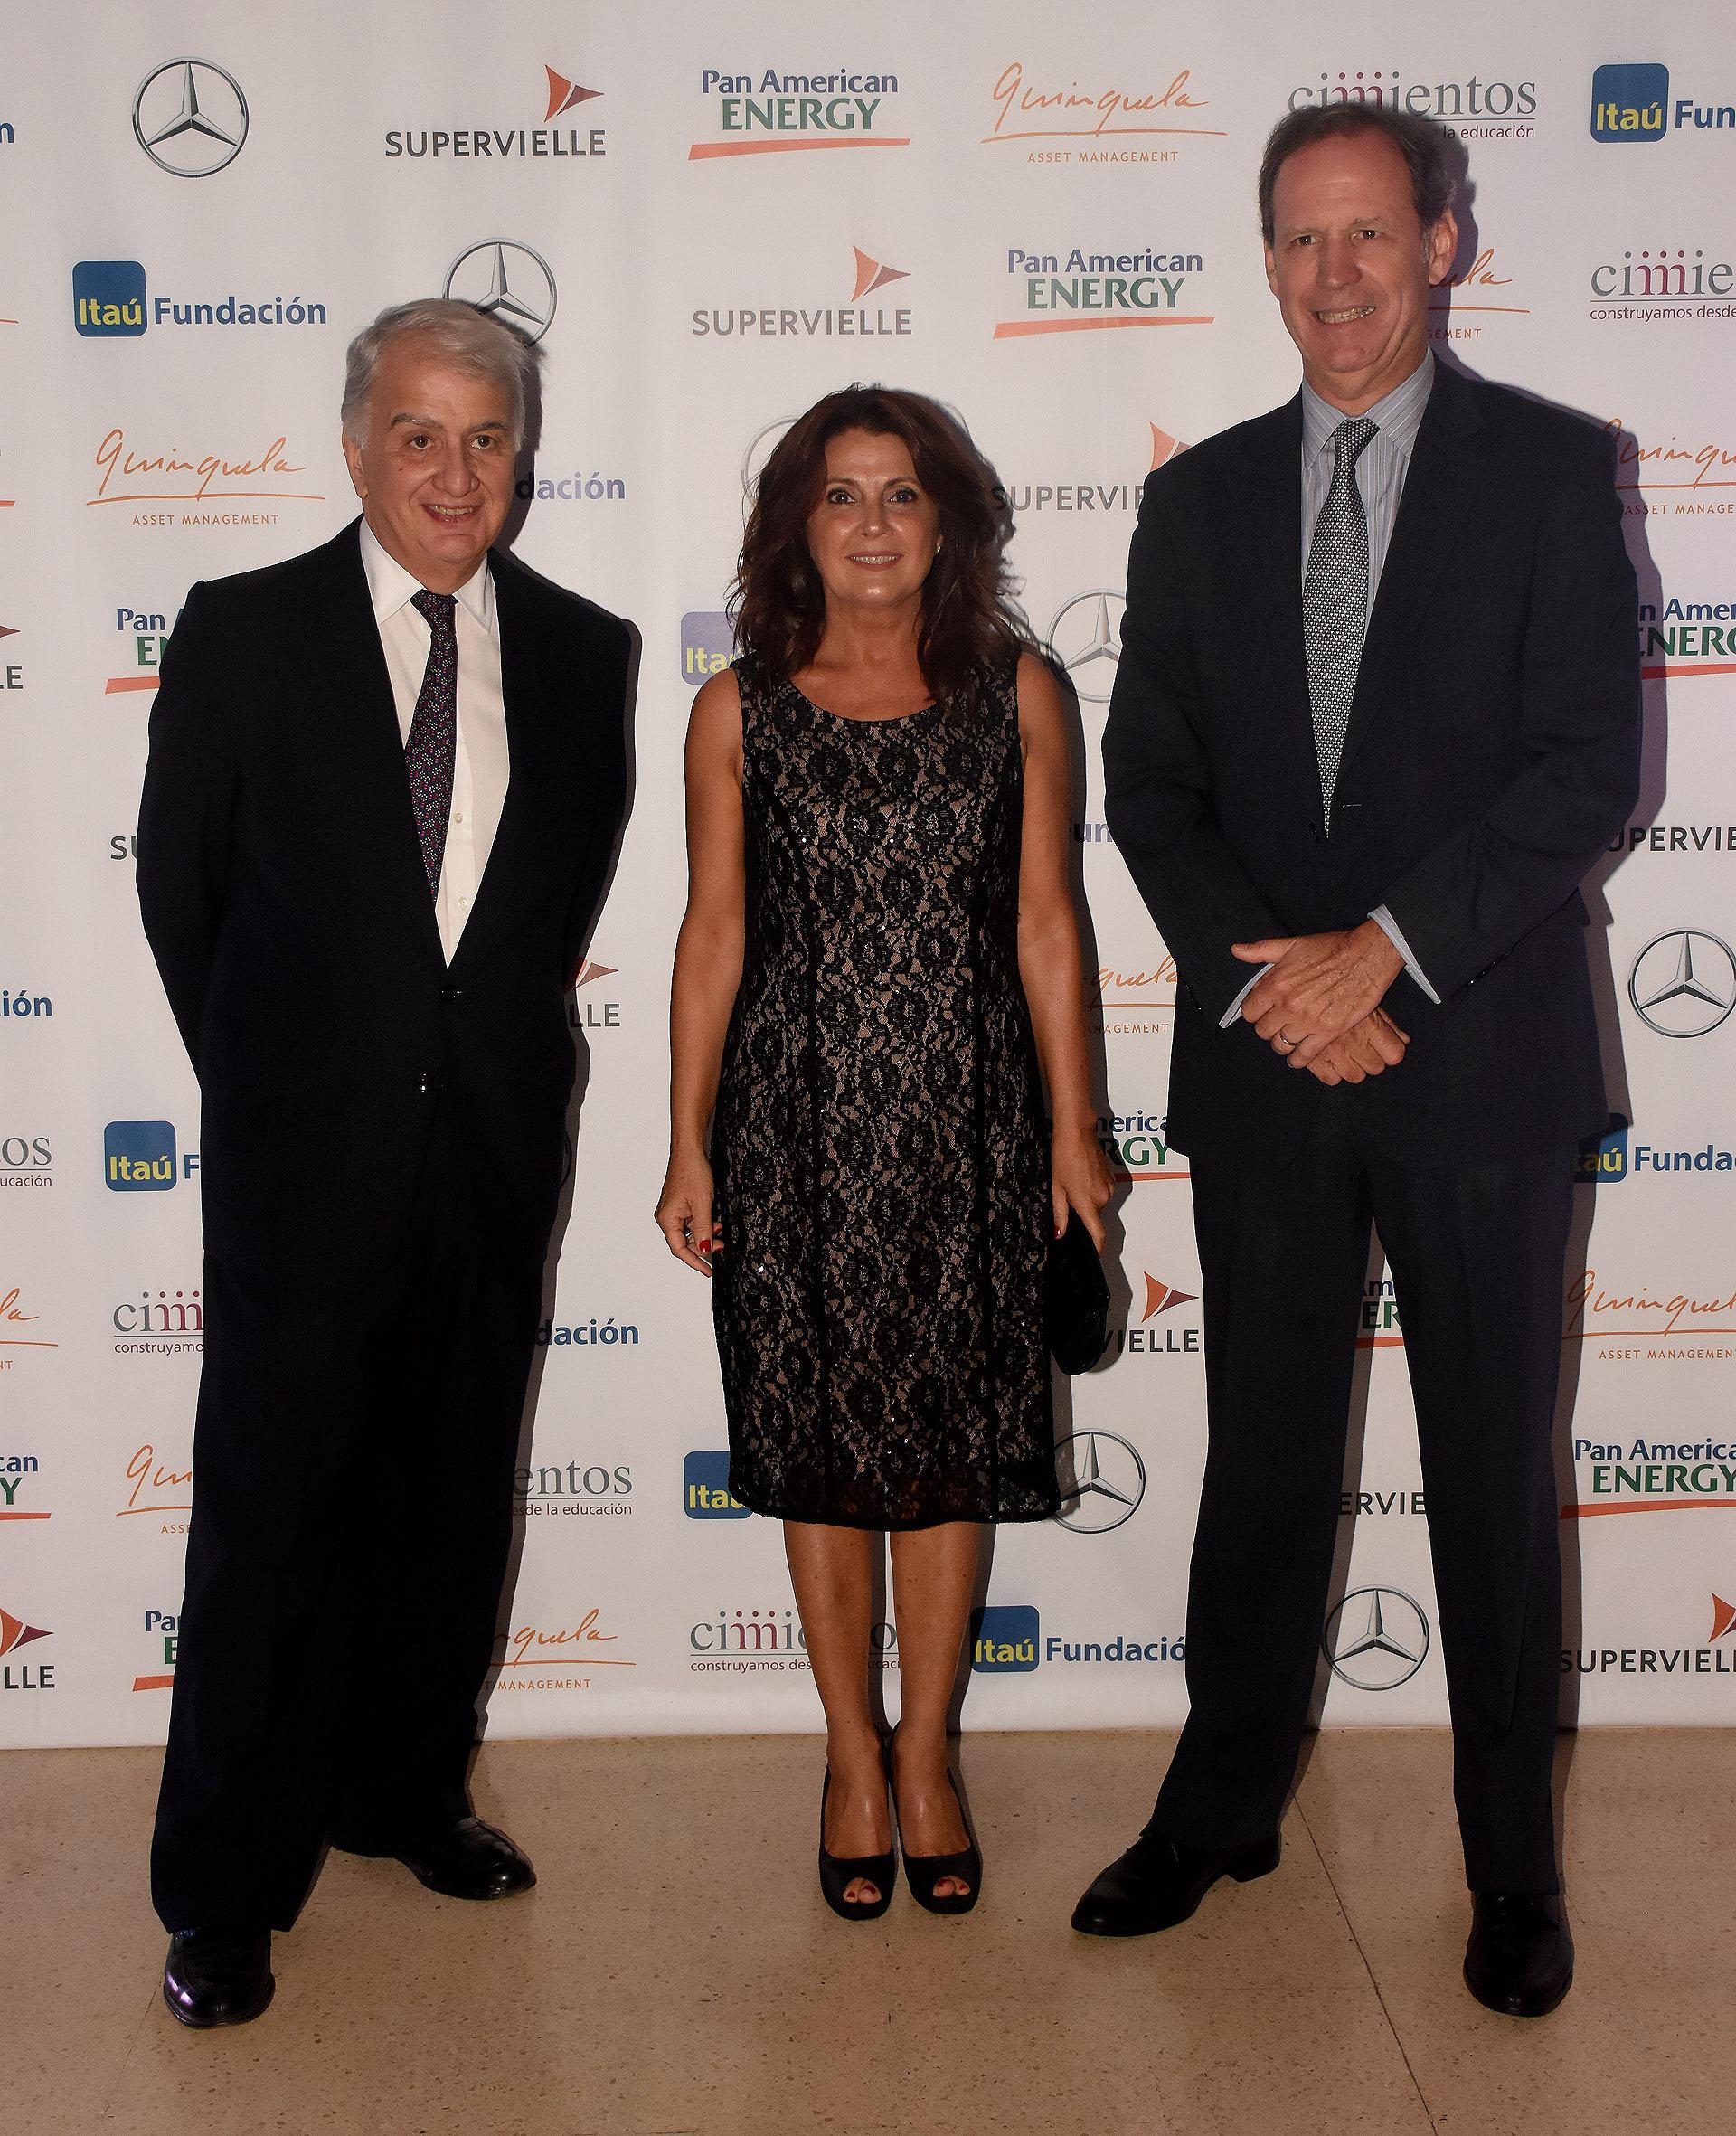 El vicepresidente de Cimientos, Eduardo Franck, miembro del consejo, Claudia Romero y Miguel Blaquier